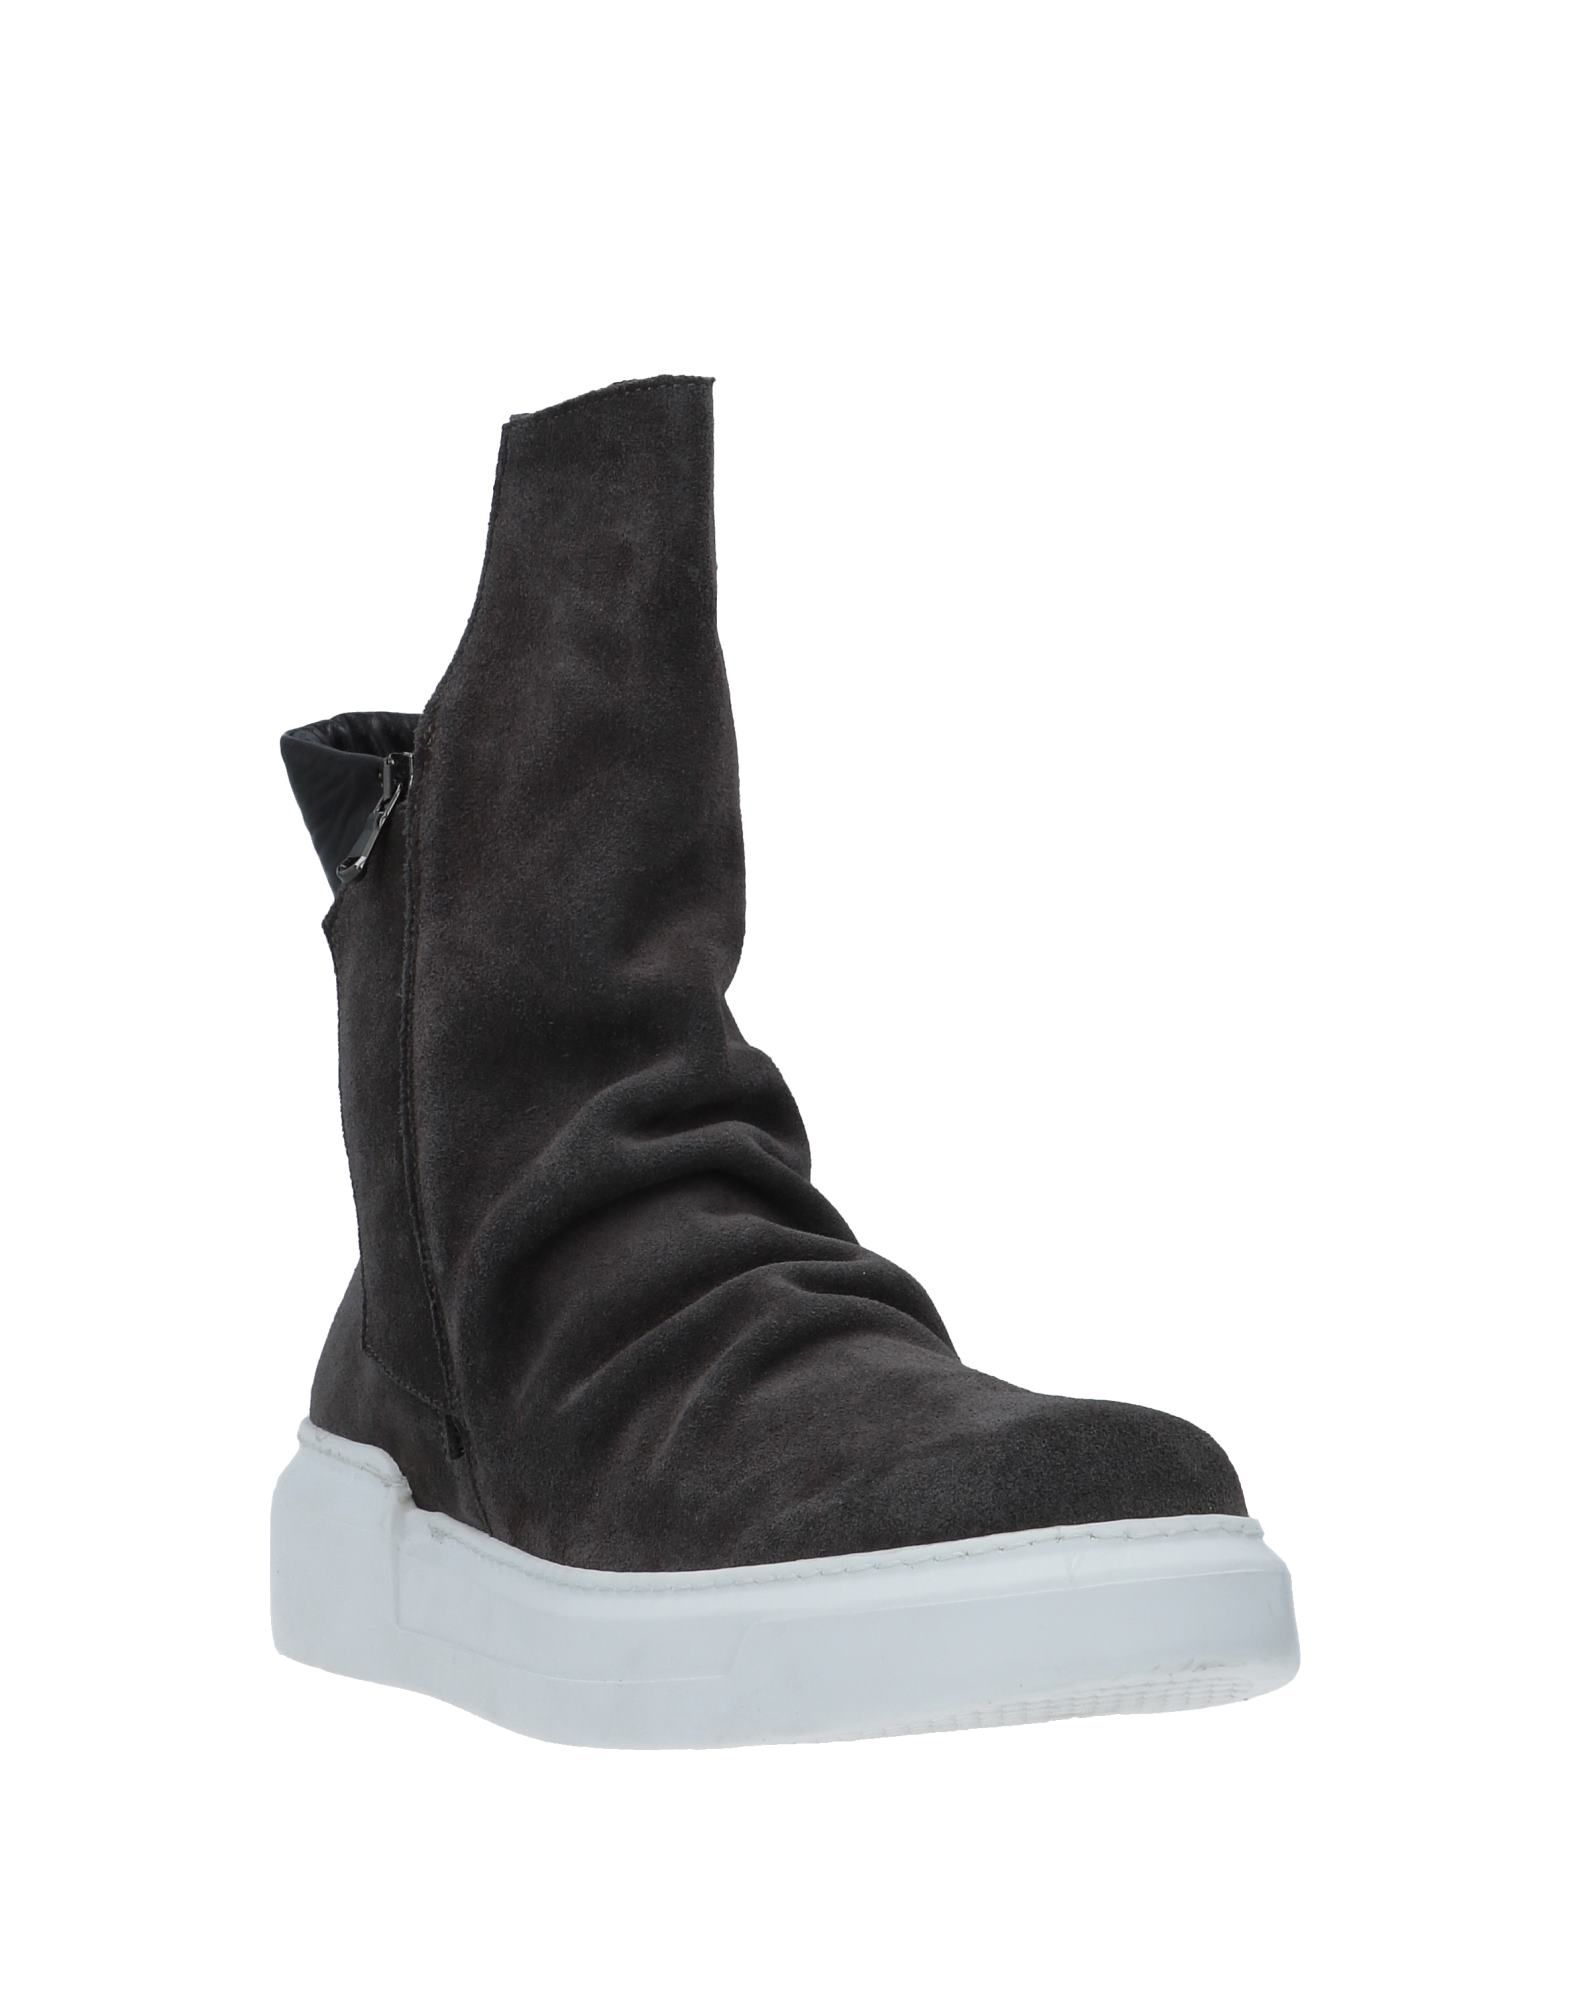 Savio Barbato Stiefelette Herren  11535514EF Gute Qualität beliebte Schuhe